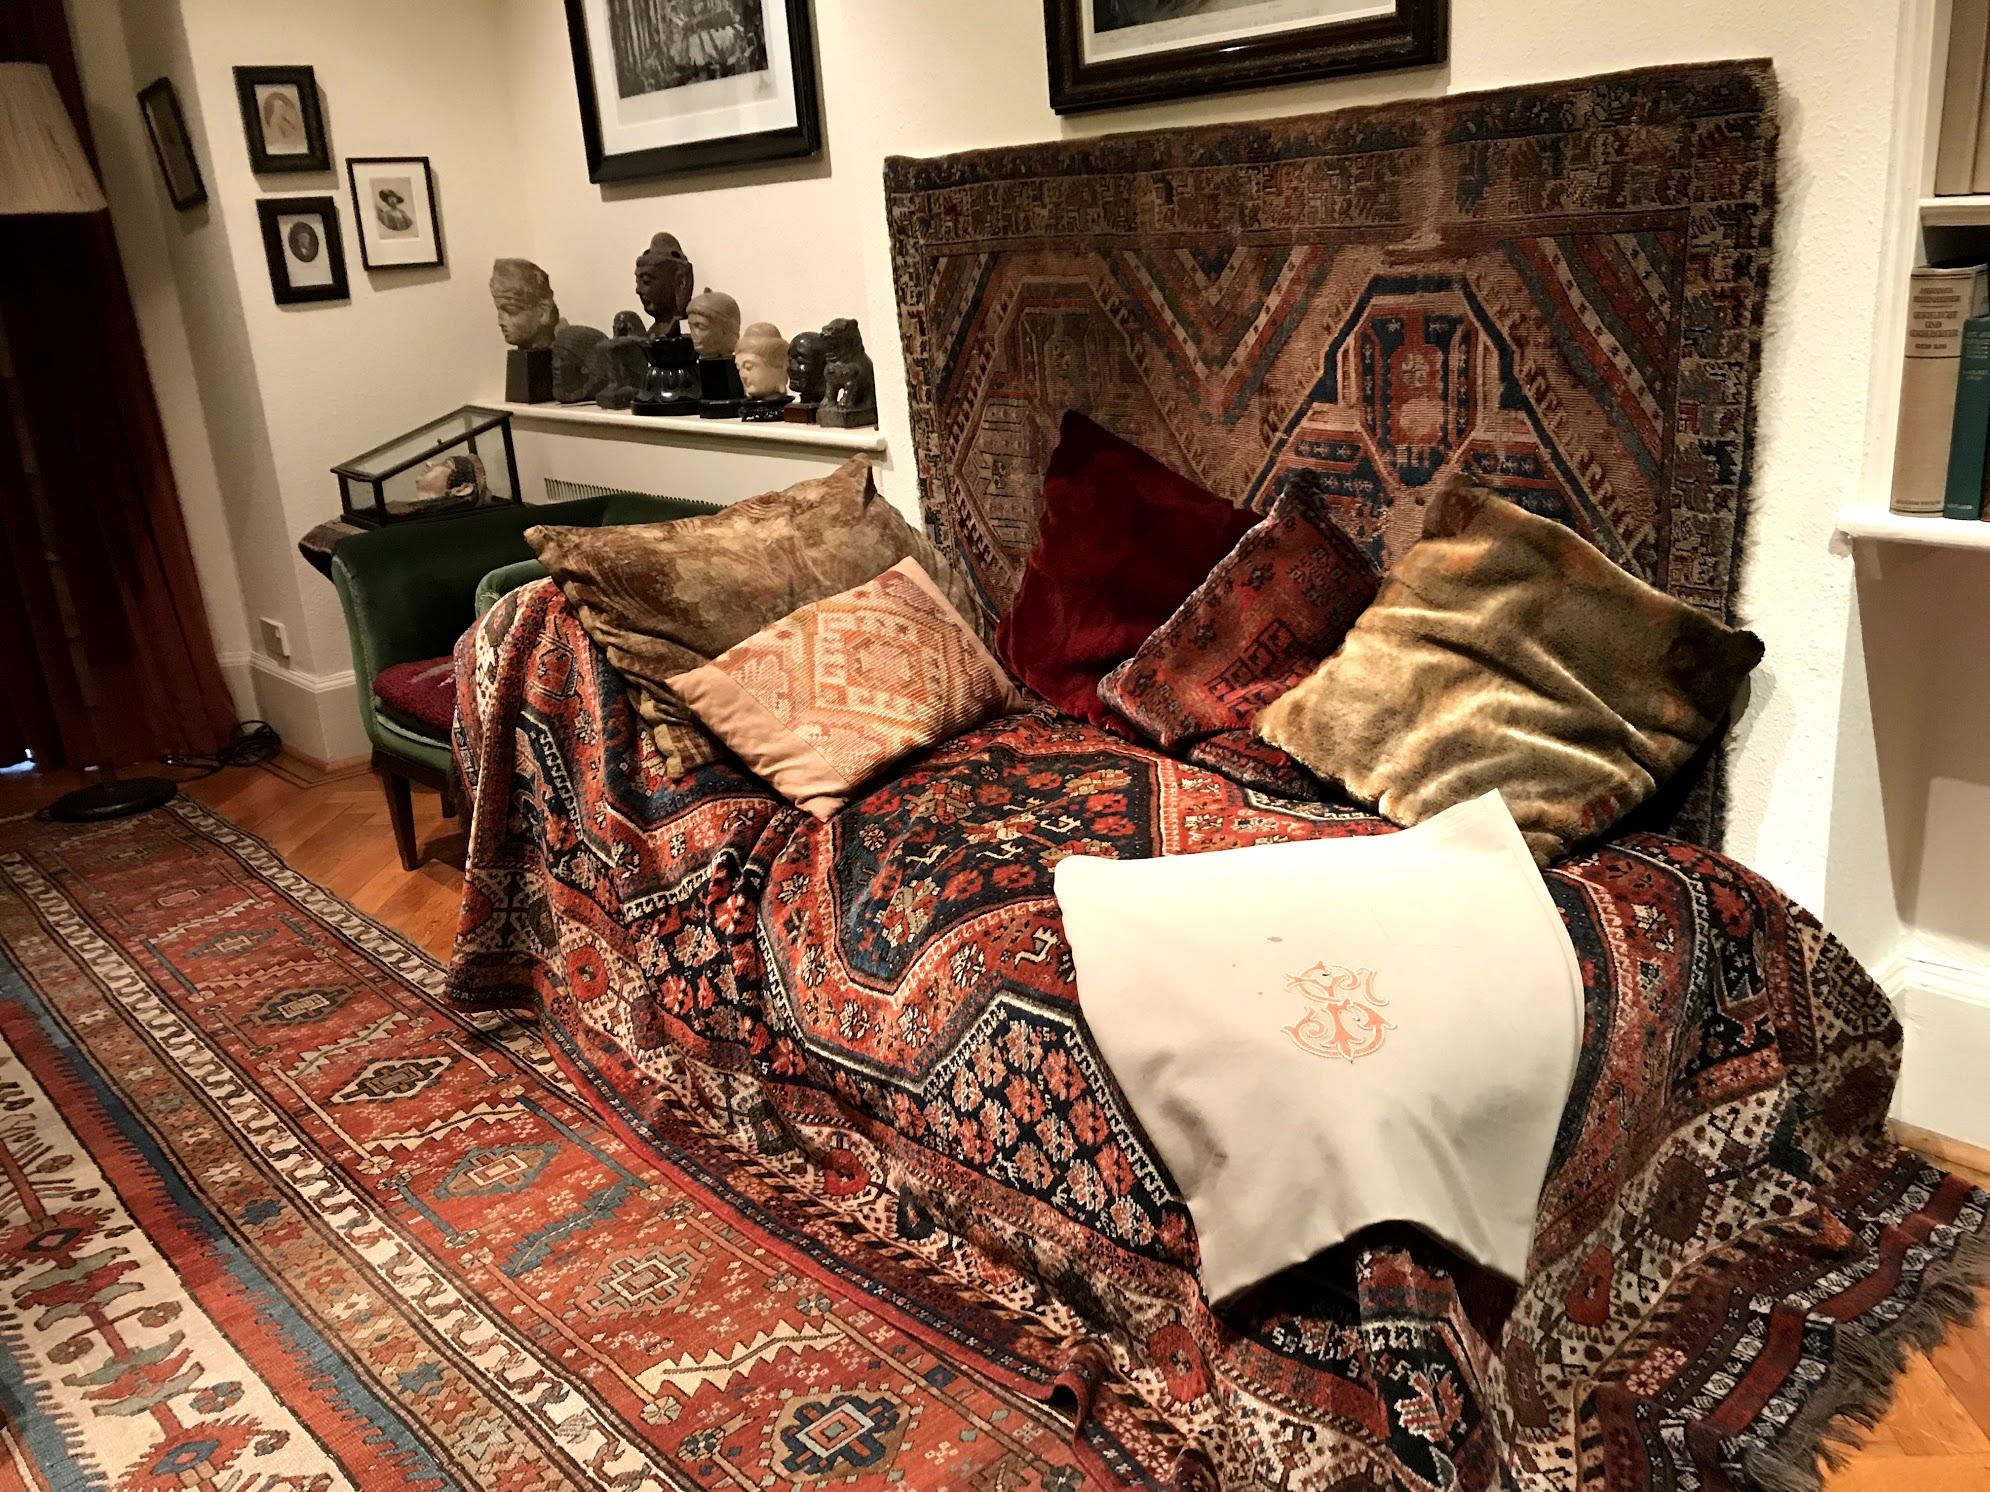 sigmund freud couch.jpg